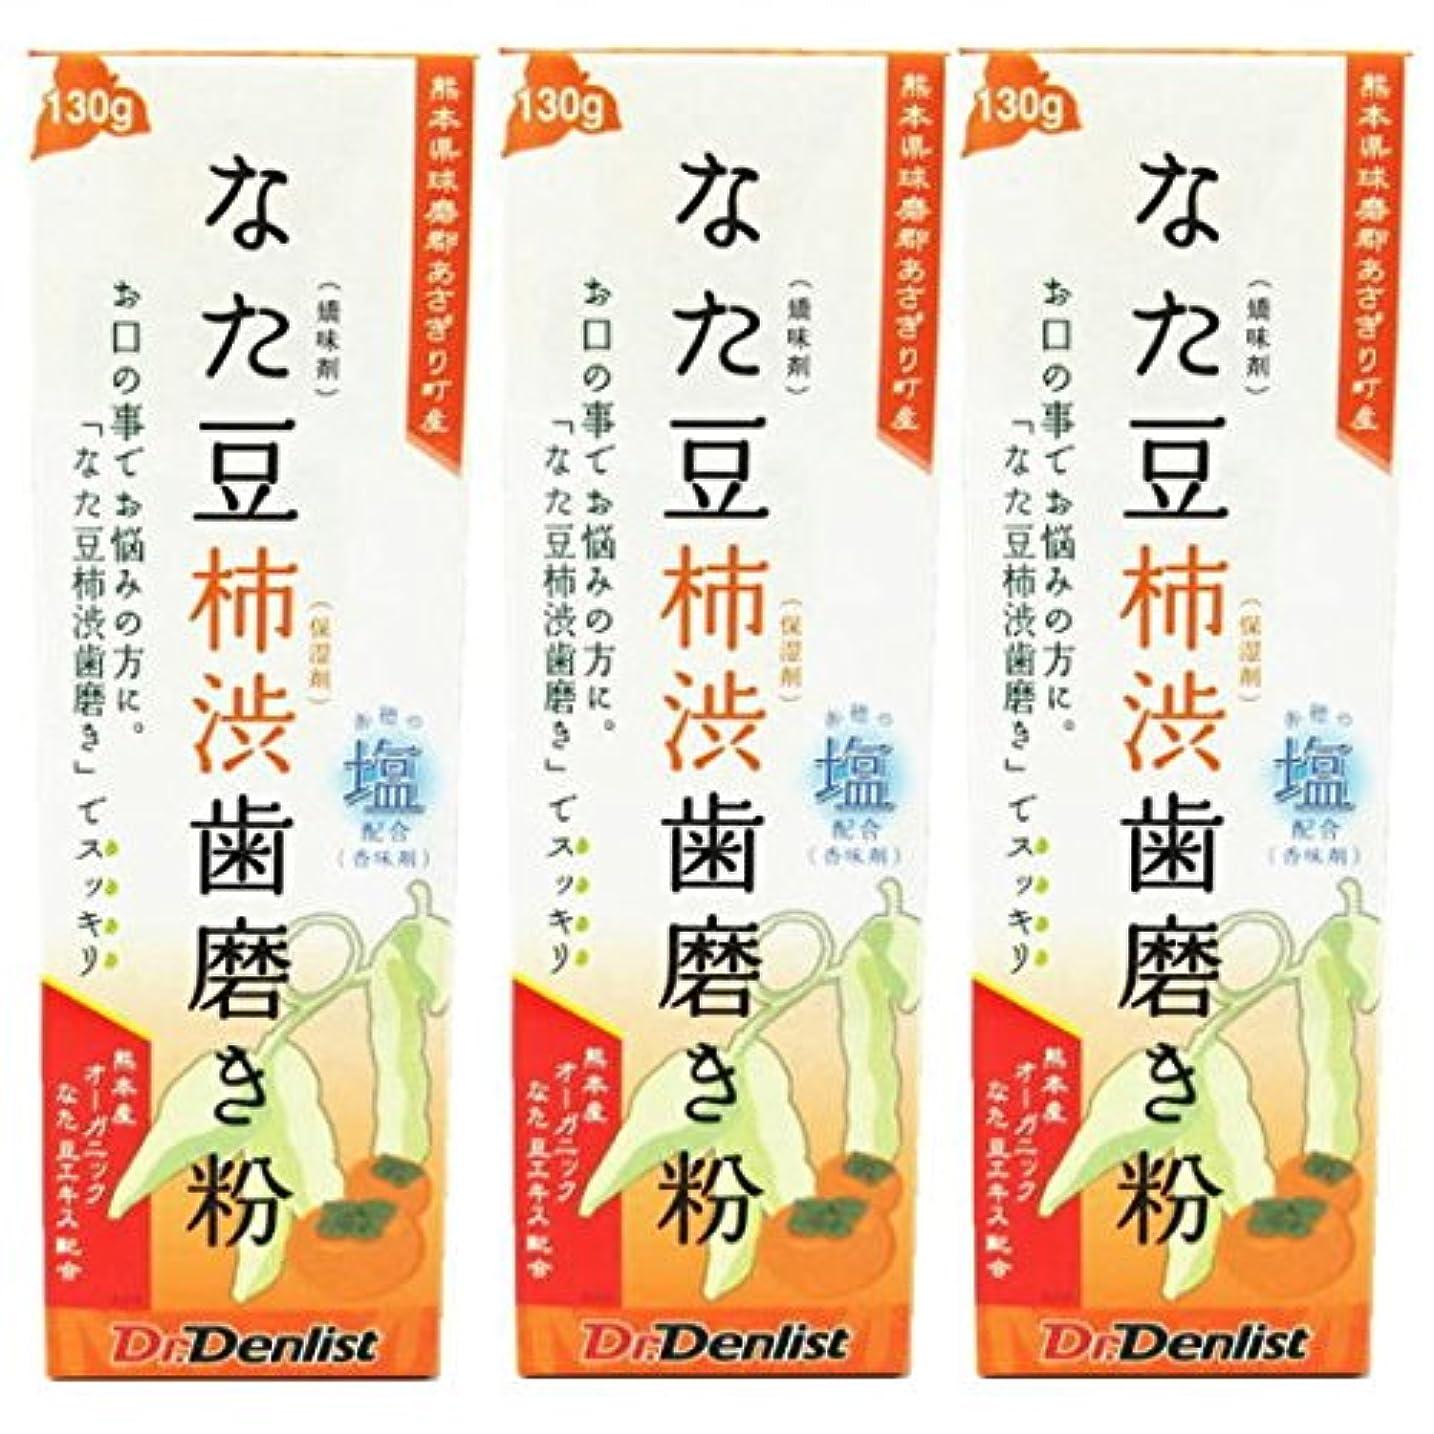 ピッチャーアイスクリームキャンベラなた豆柿渋歯磨き 130g 3個セット 国産 有機なた豆使用 赤穂の塩配合(香味剤)